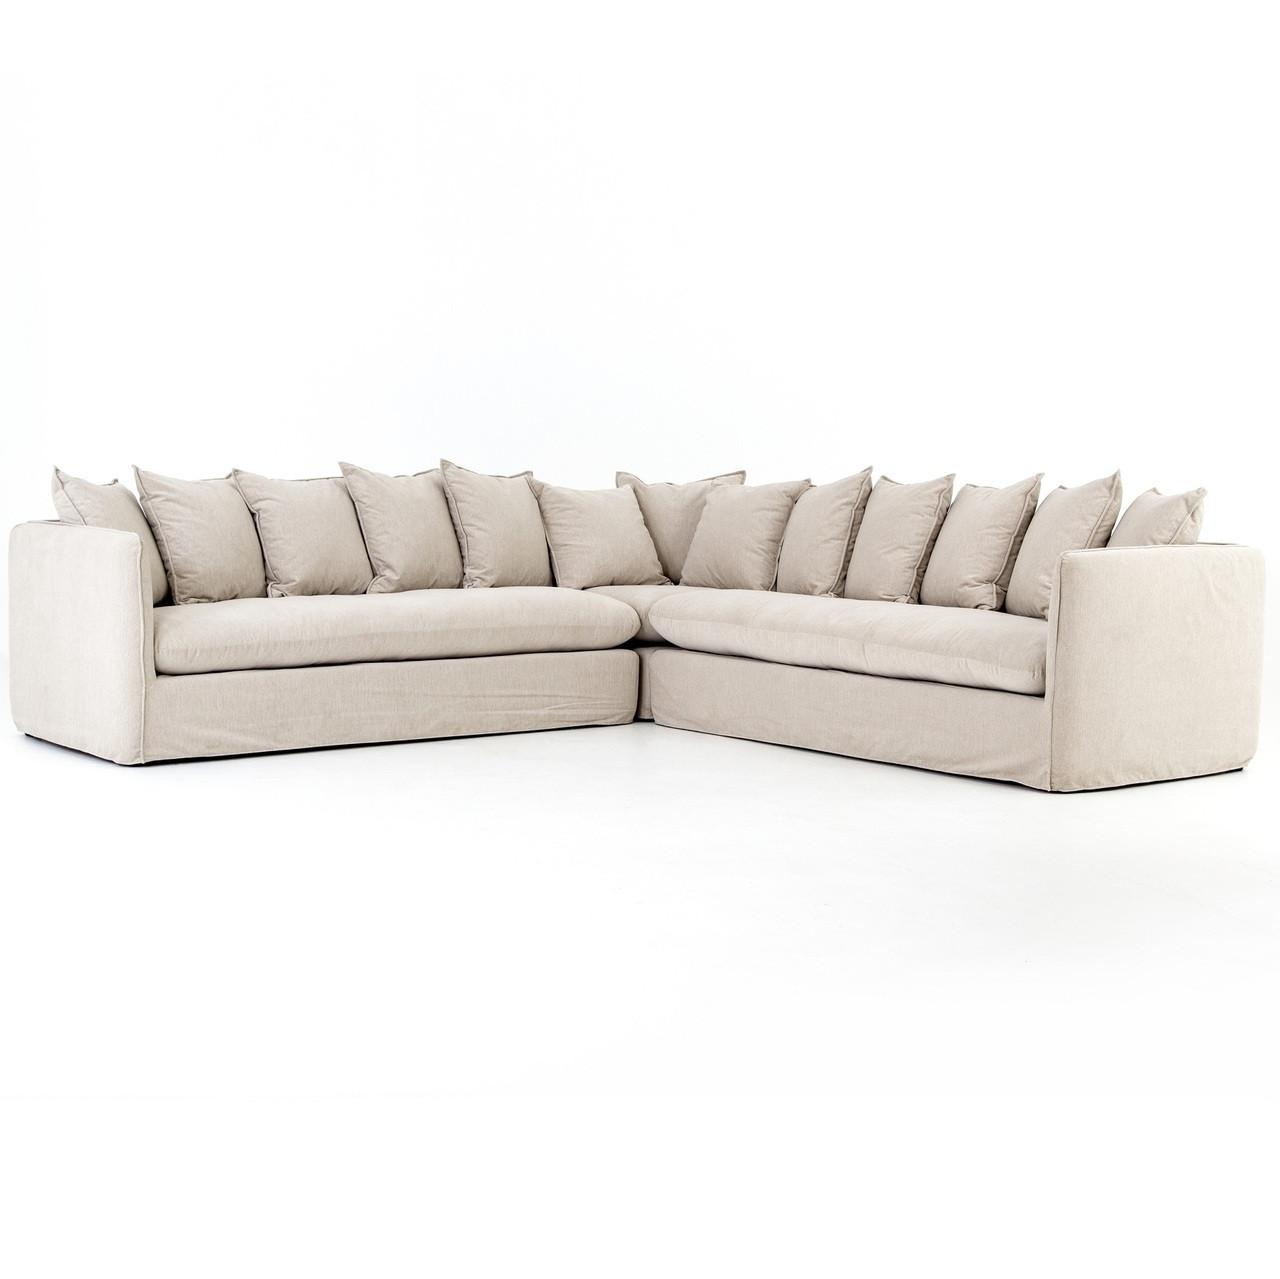 Nora Modern Slipcovered Corner Sectional Sofa - Oatmeal | Zin Home